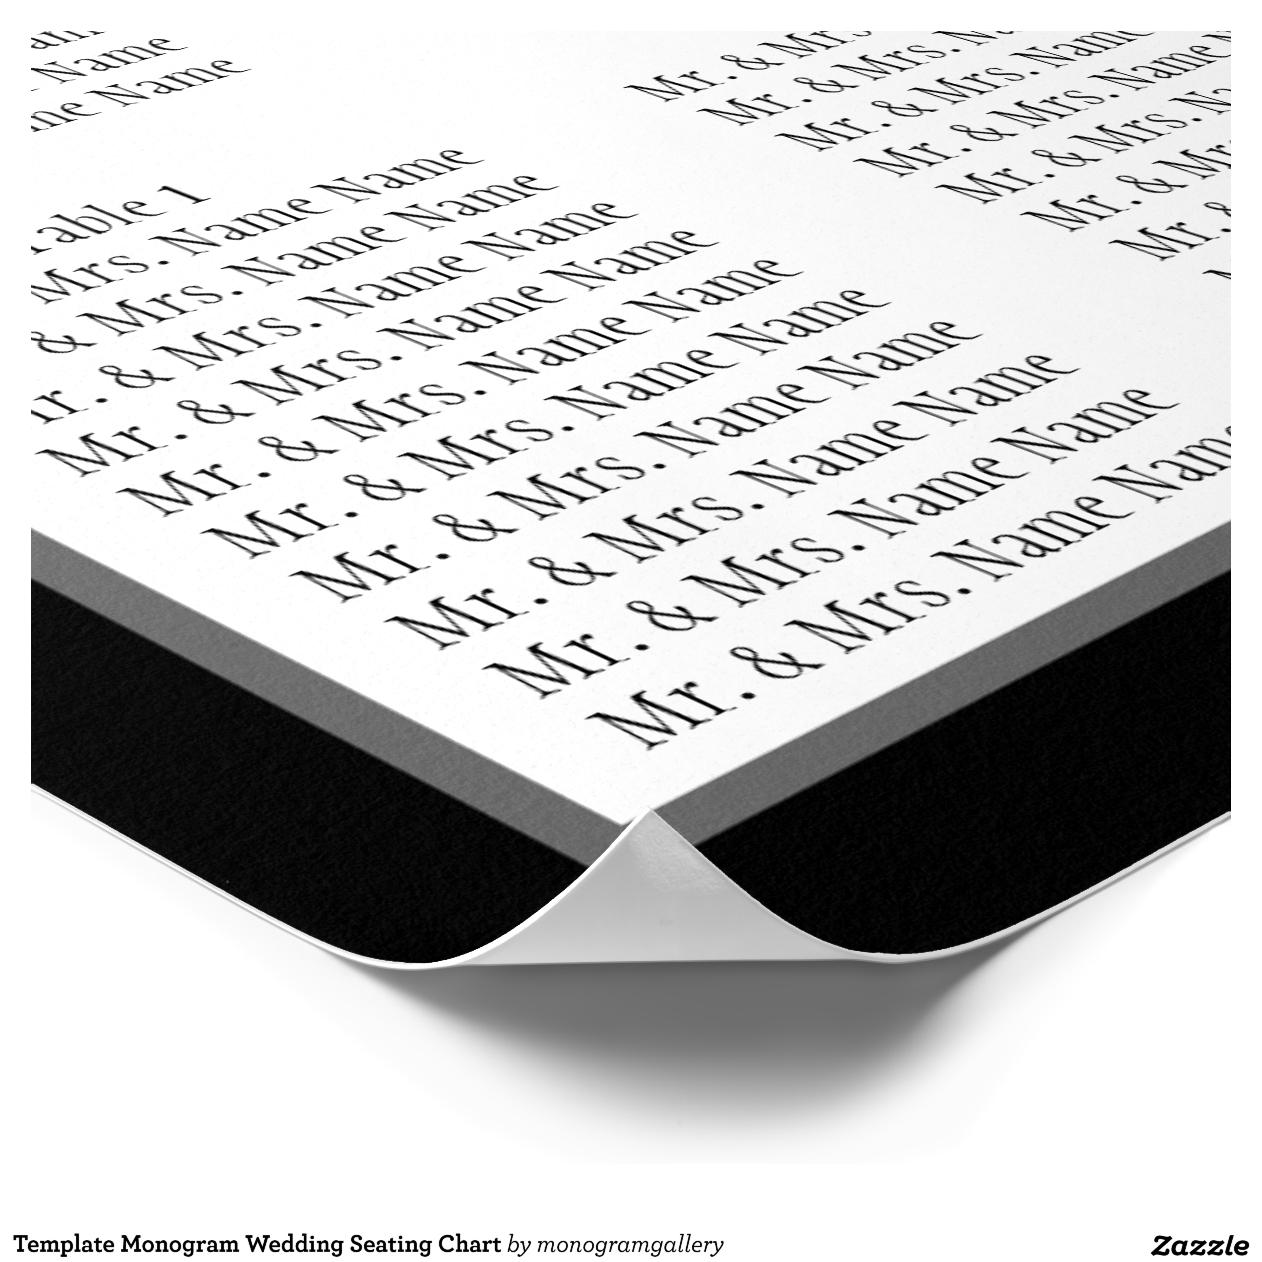 Beste Sitzplatz Diagramm Für Hochzeits Schablone Fotos - Bilder für ...